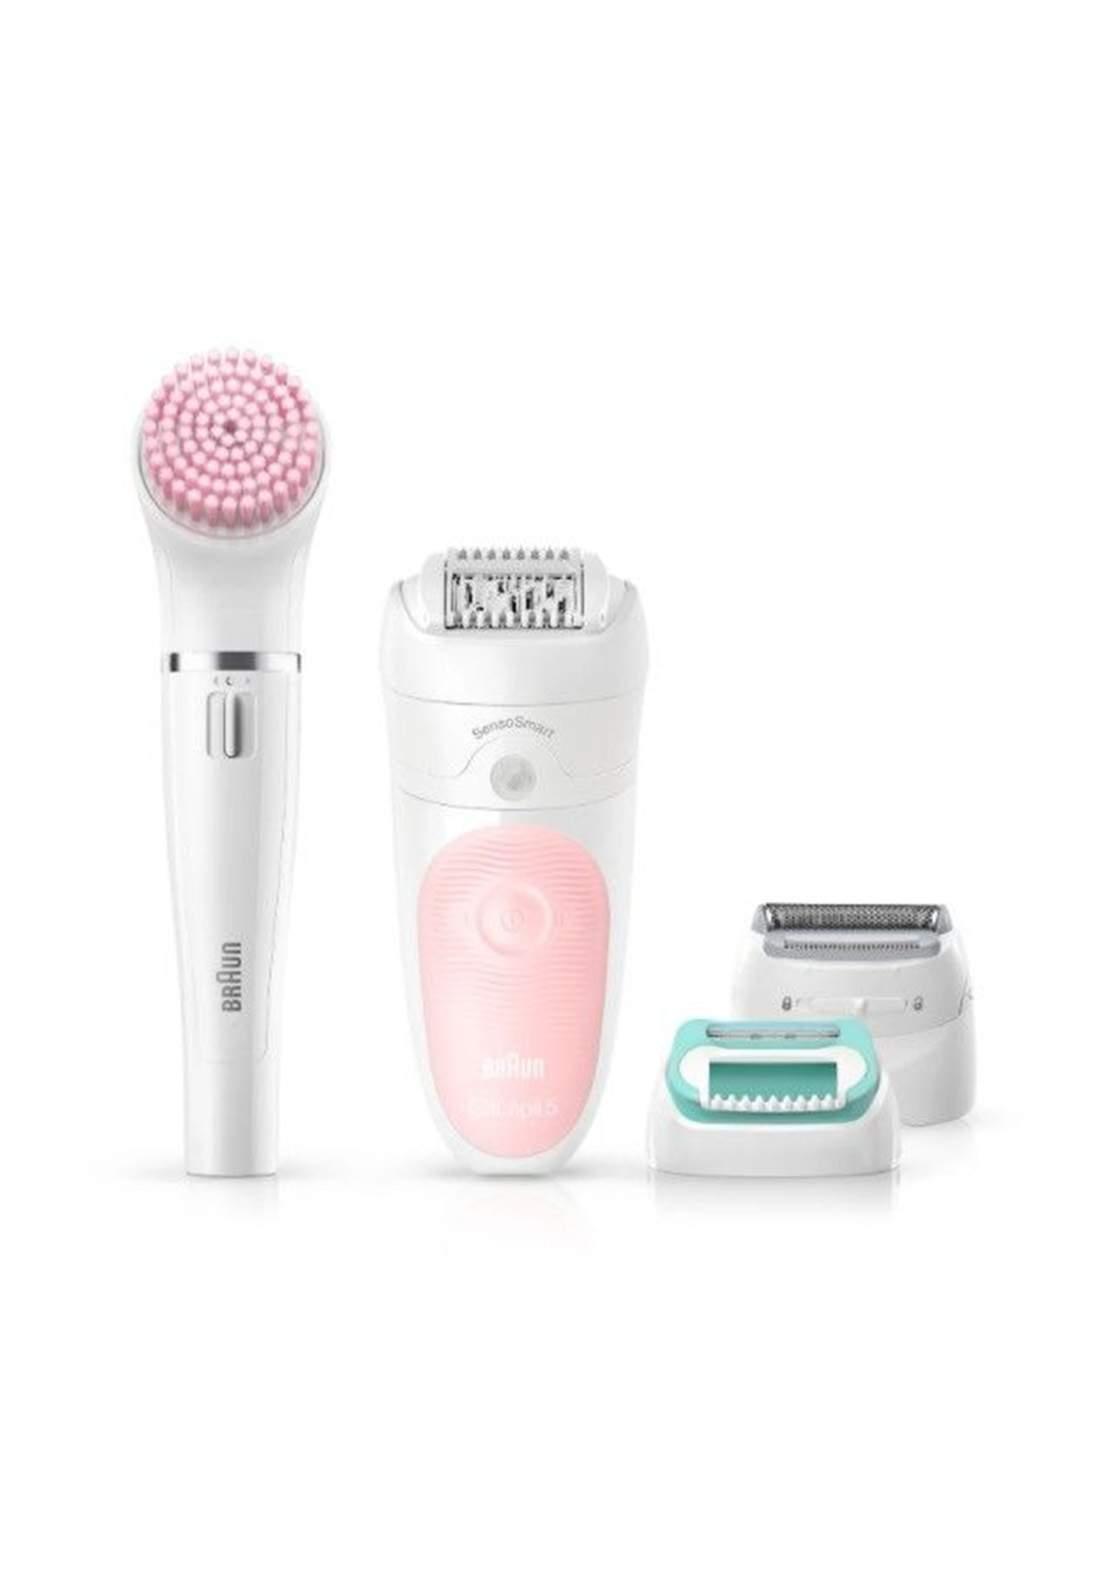 Braun SES5-875BS - Silk Epilator - Pink ماكنة ازالة الشعر للنساء